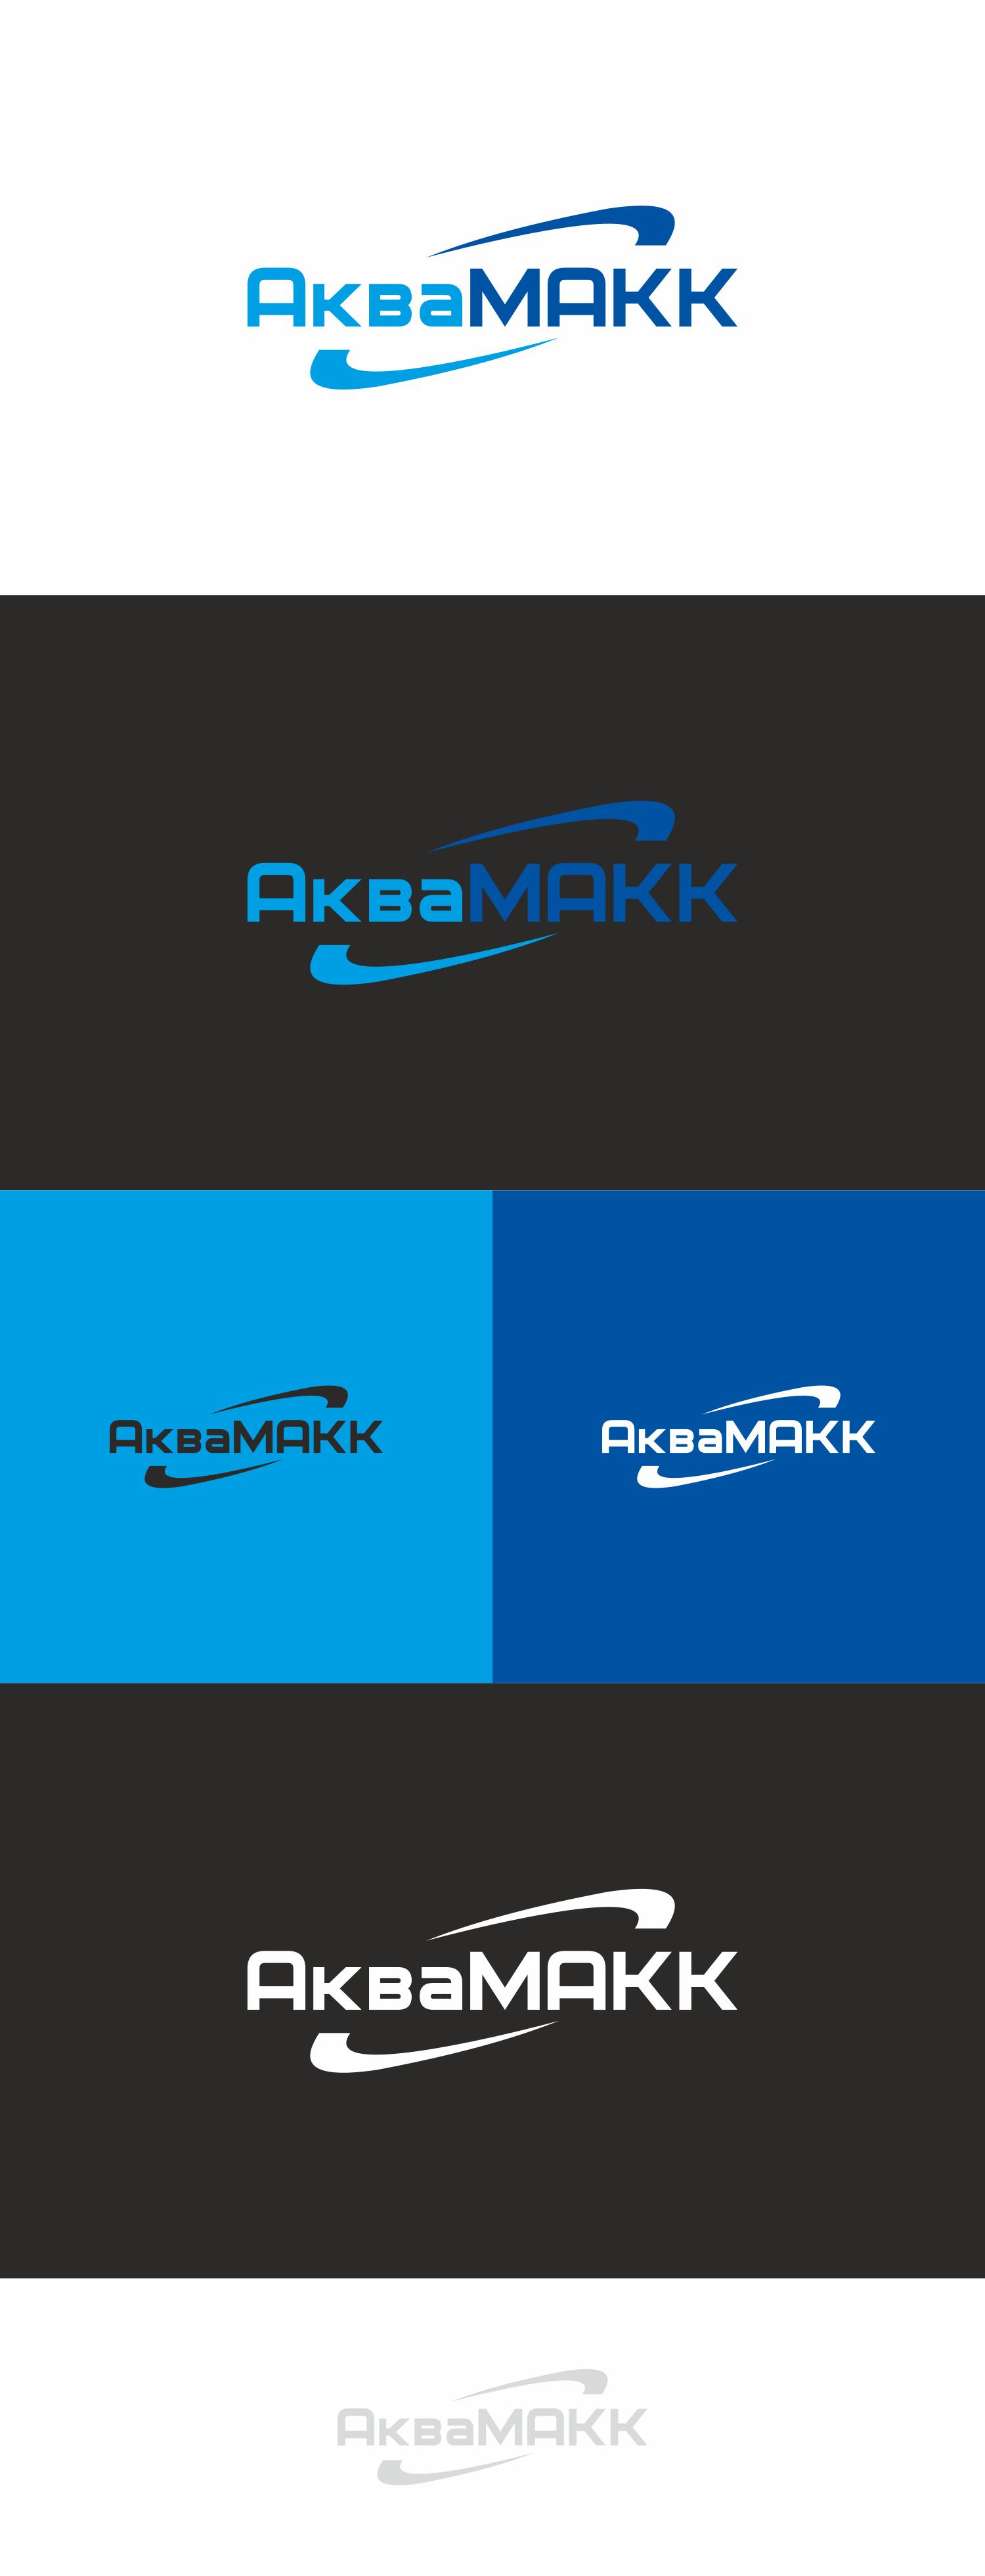 Разработка логотипа для линейки продуктов в стиле леттеринг фото f_9165a0c627d9f12e.jpg